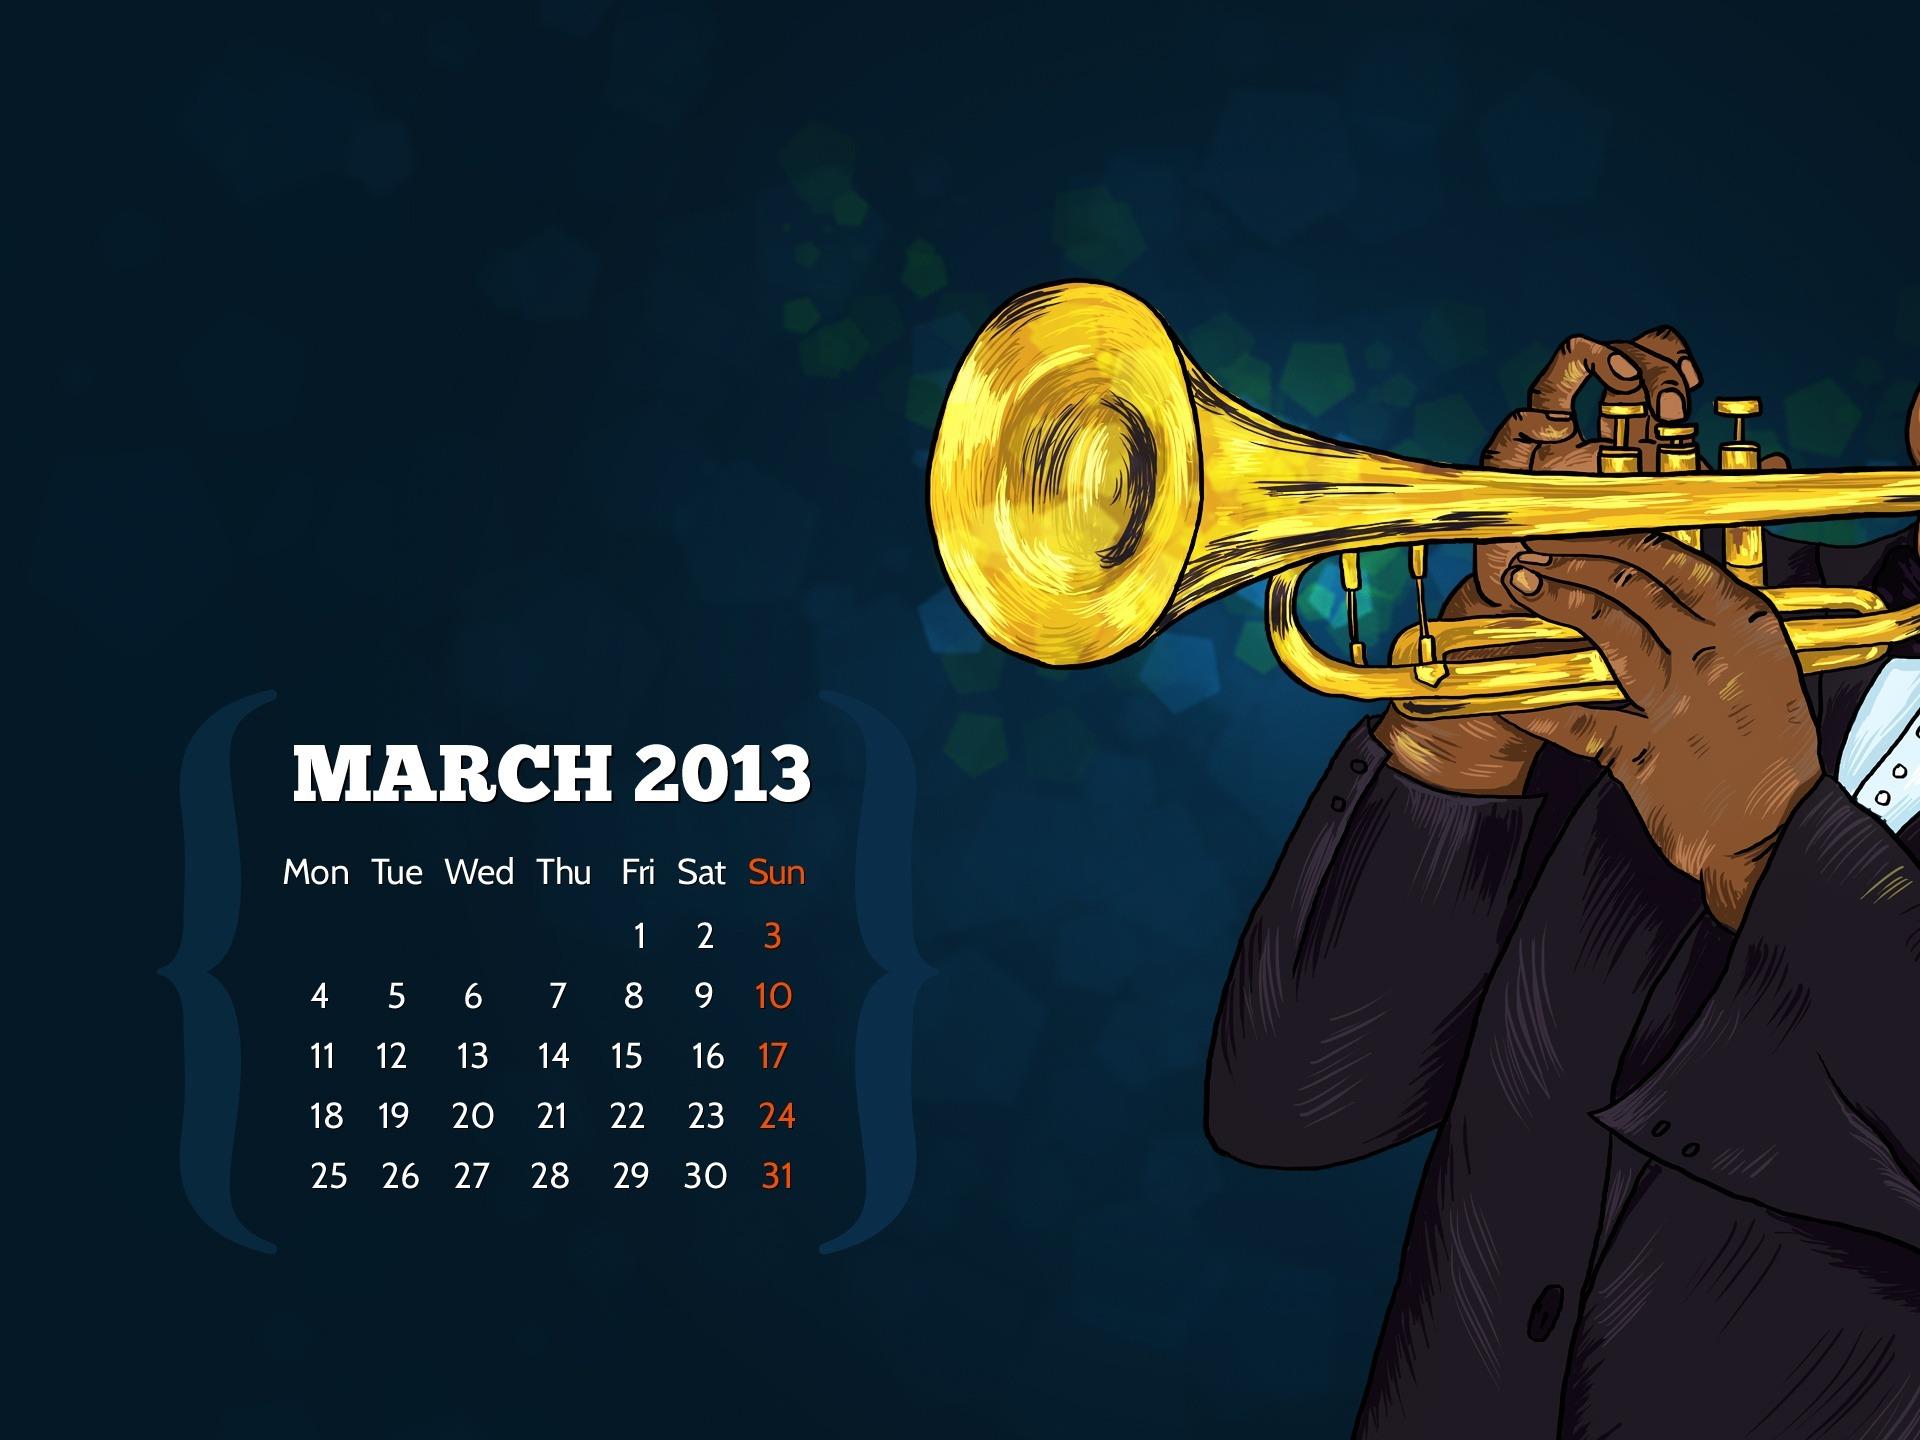 ジャムセッション 13年3月カレンダーデスクトップテーマ壁紙プレビュー 10wallpaper Com